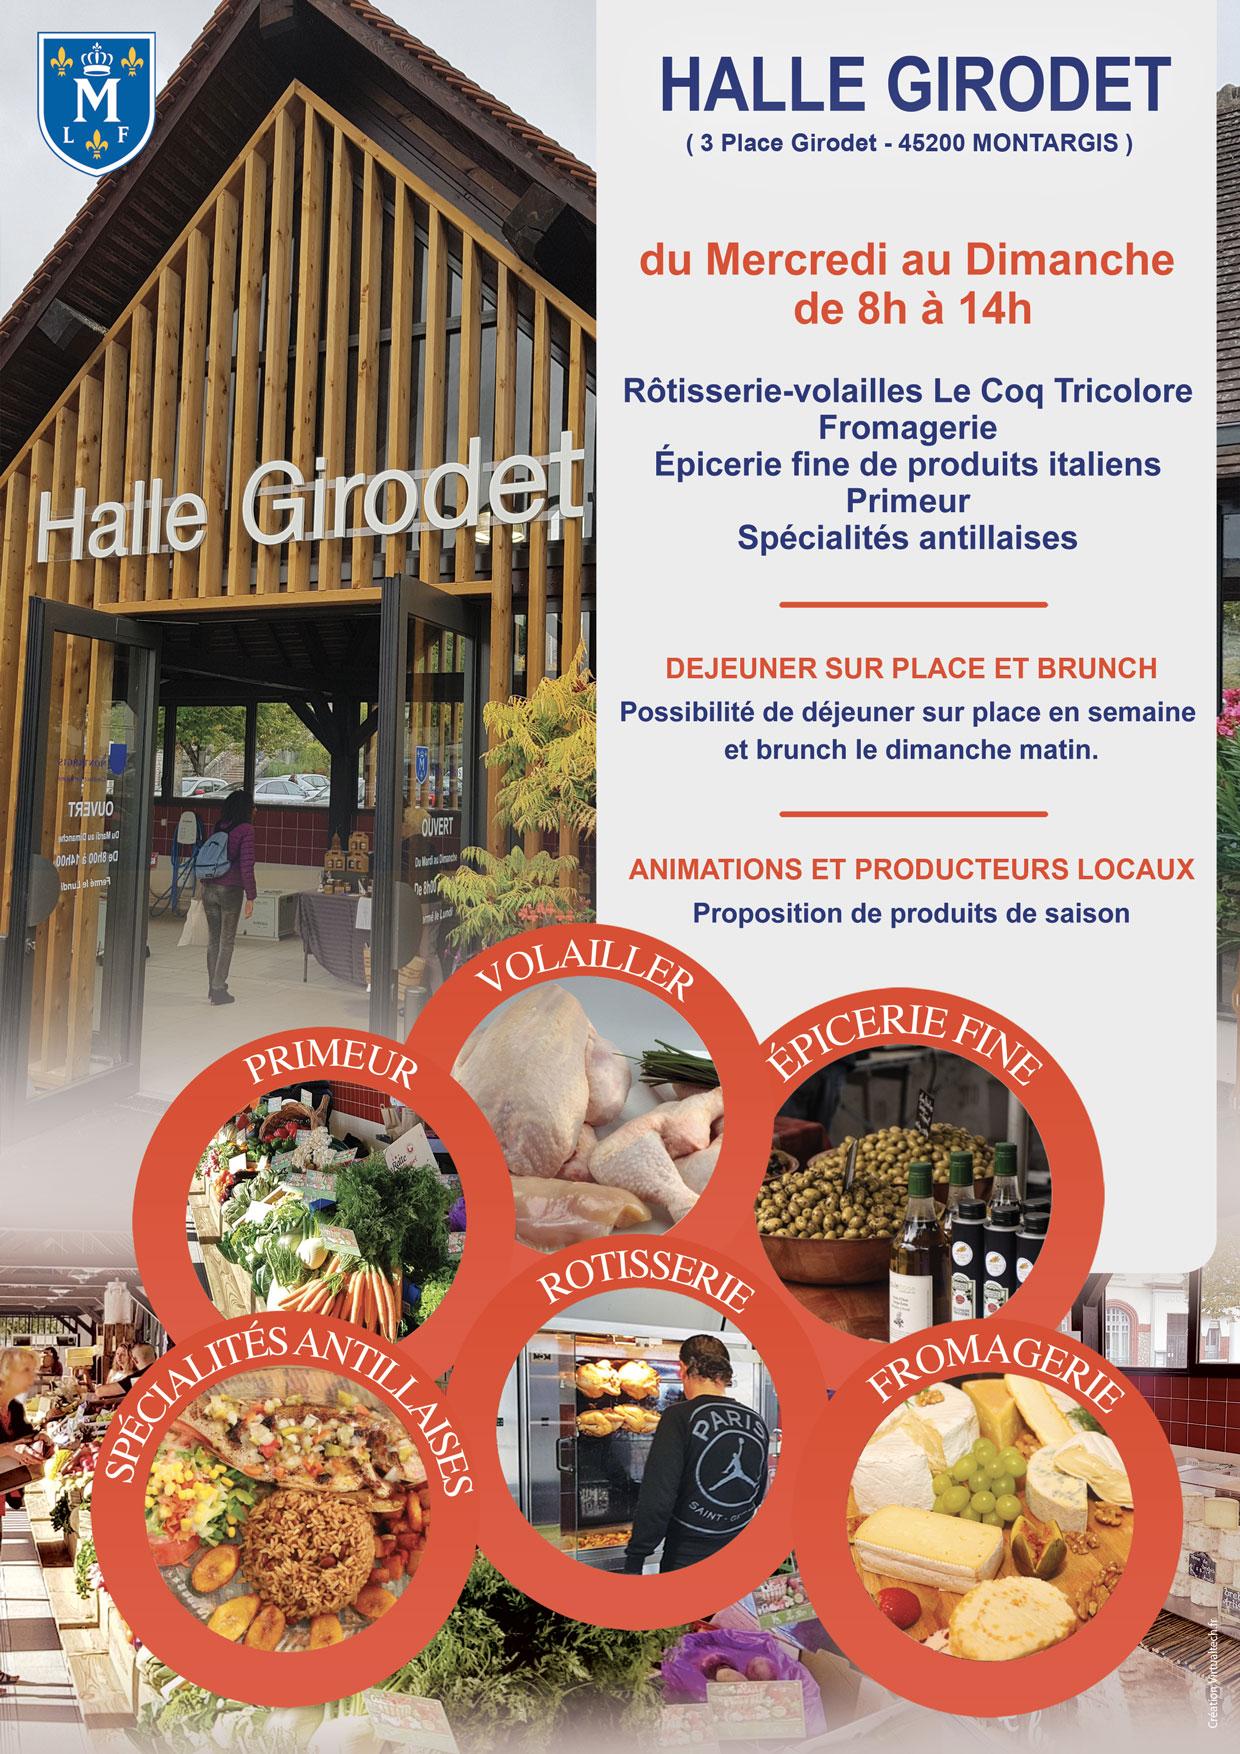 OUVERTURE DE LA HALLE GIRODET